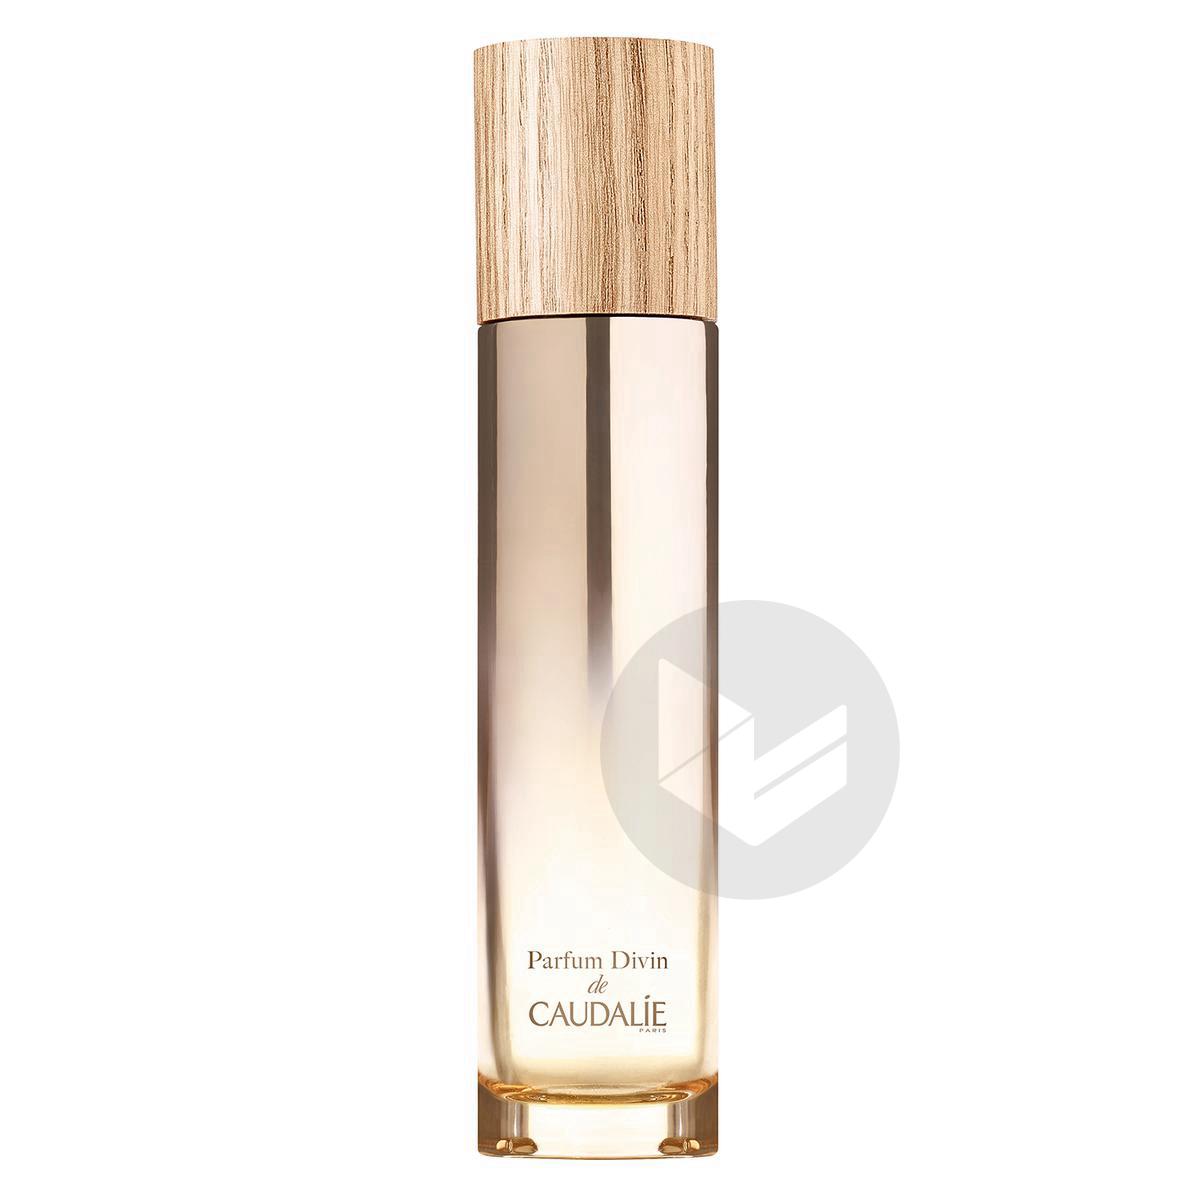 Parfum Divin 50 Ml